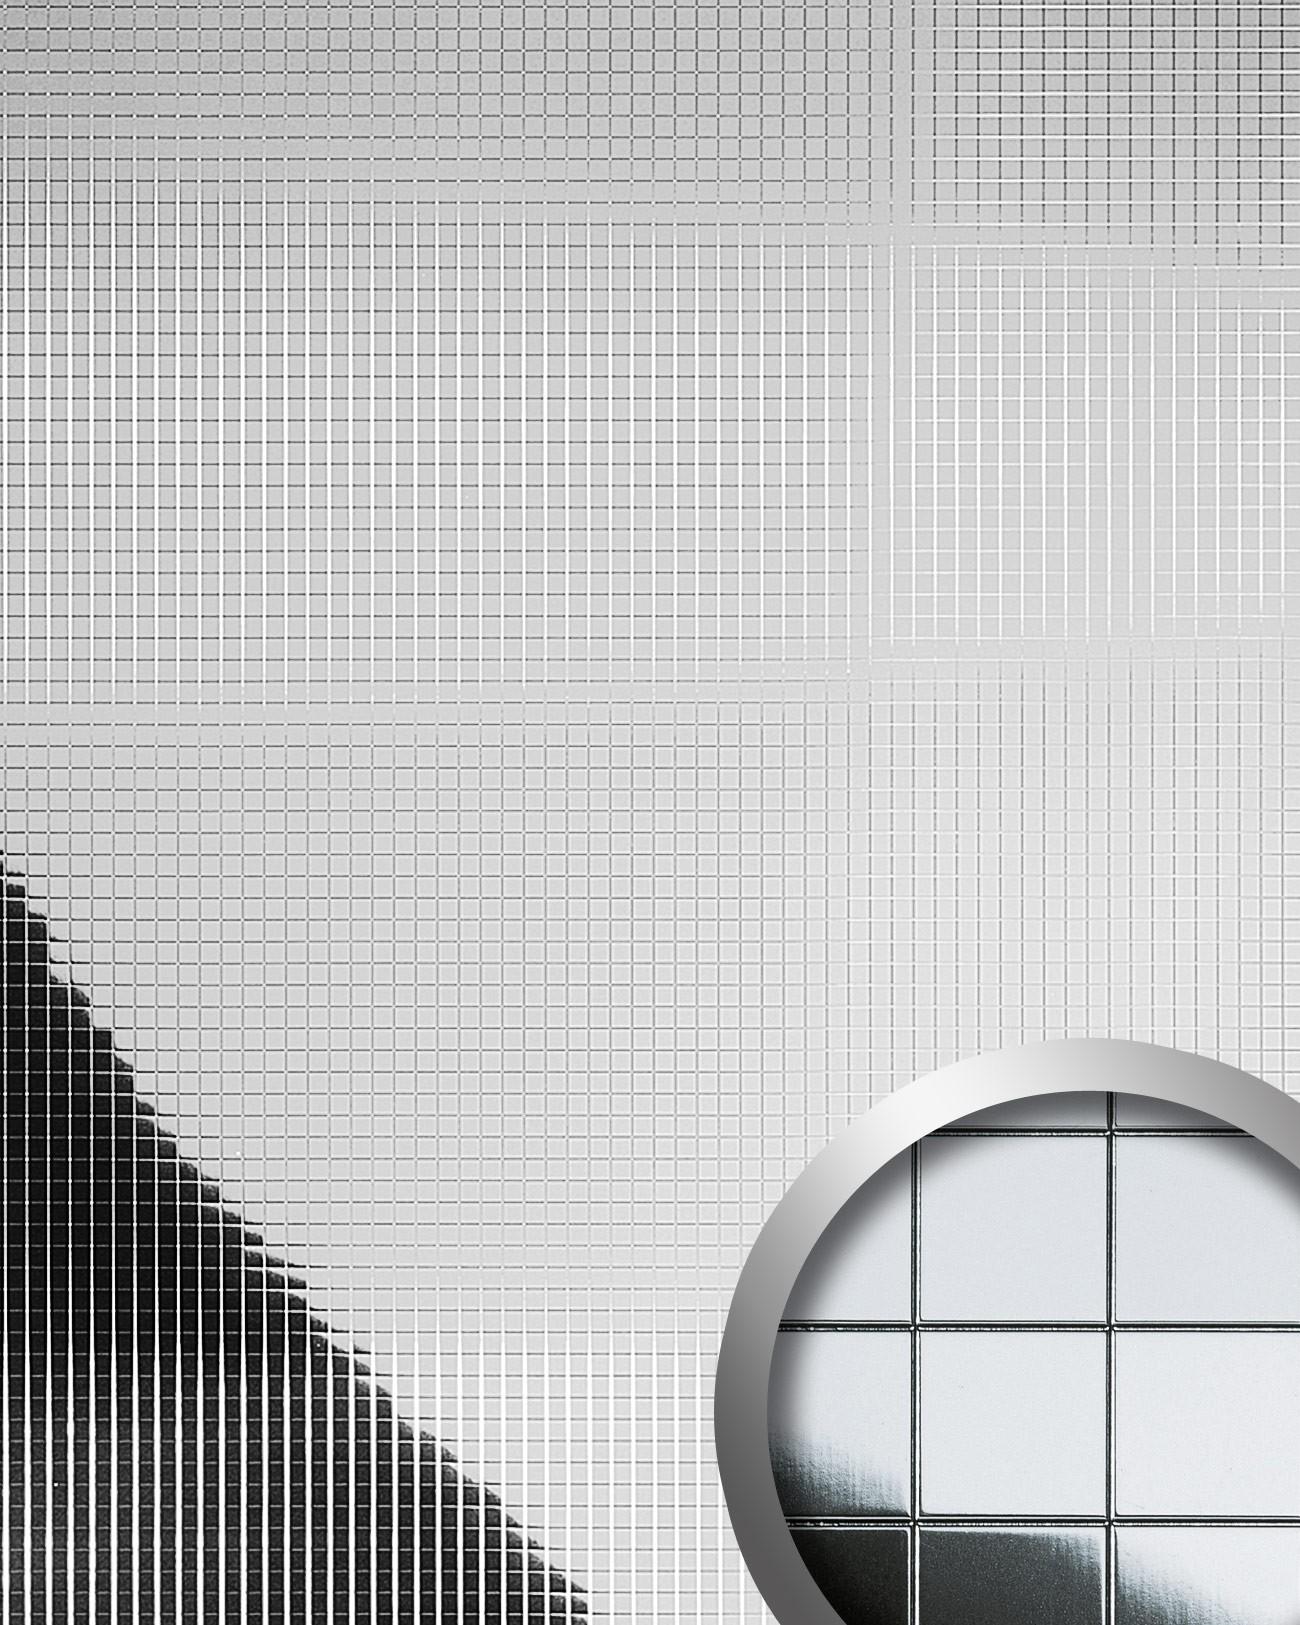 Selbstklebende Tapete Mosaik : Wandpaneele Mosaik www.PROFhome.de Tapeten Shop